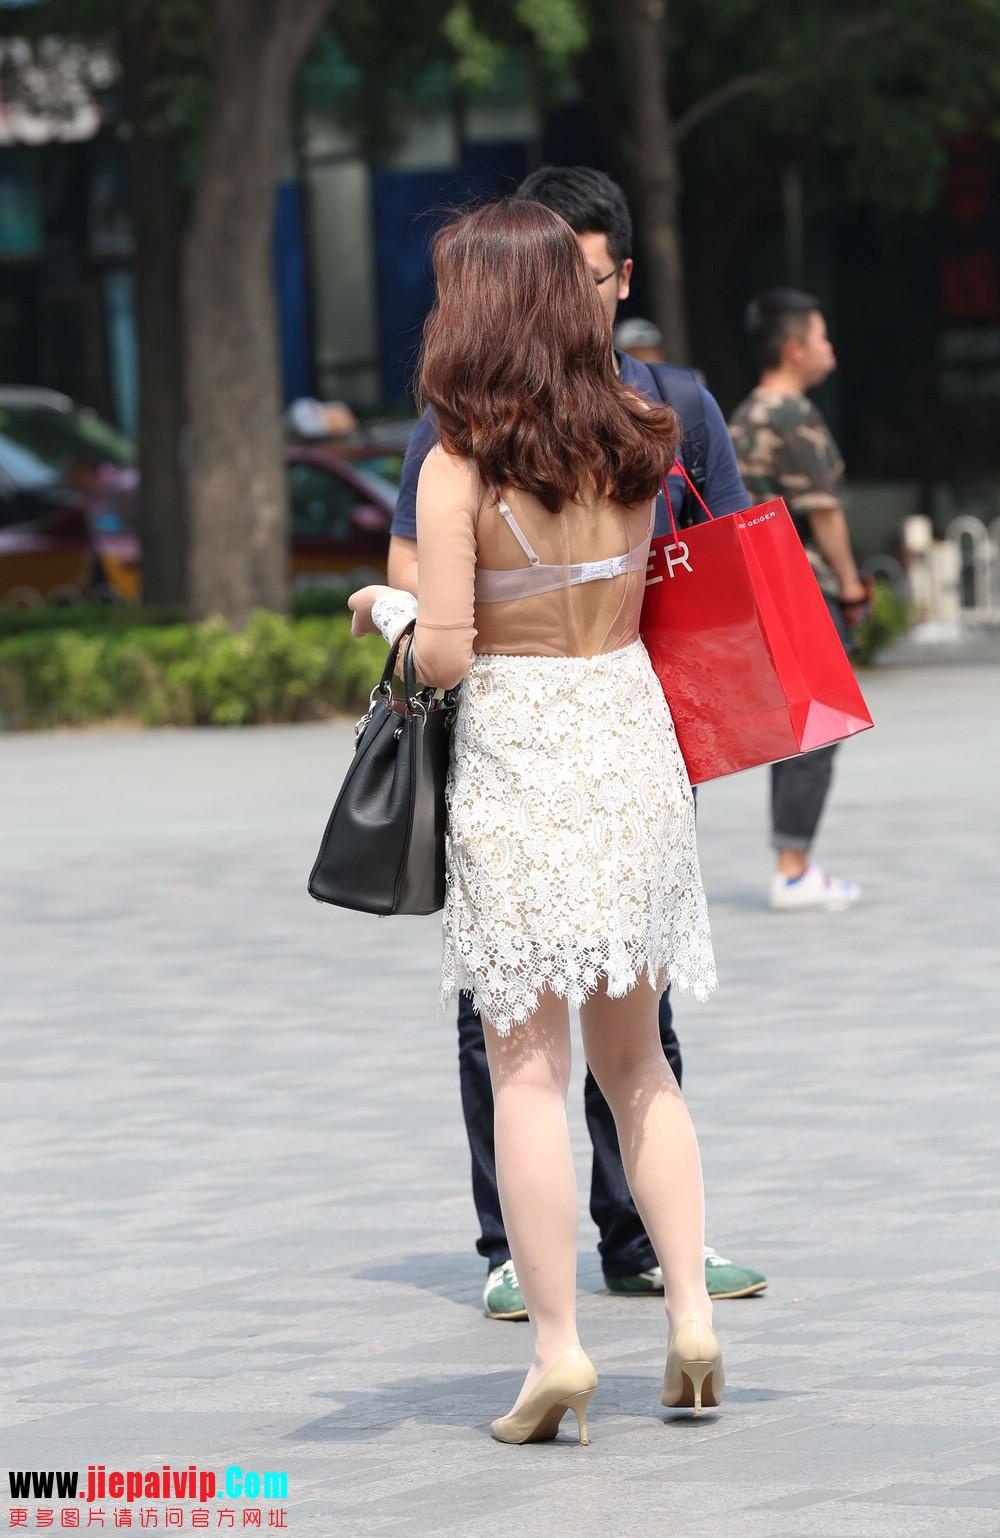 街拍蕾丝裙,性感透视装极品少妇,还穿着白丝袜呢